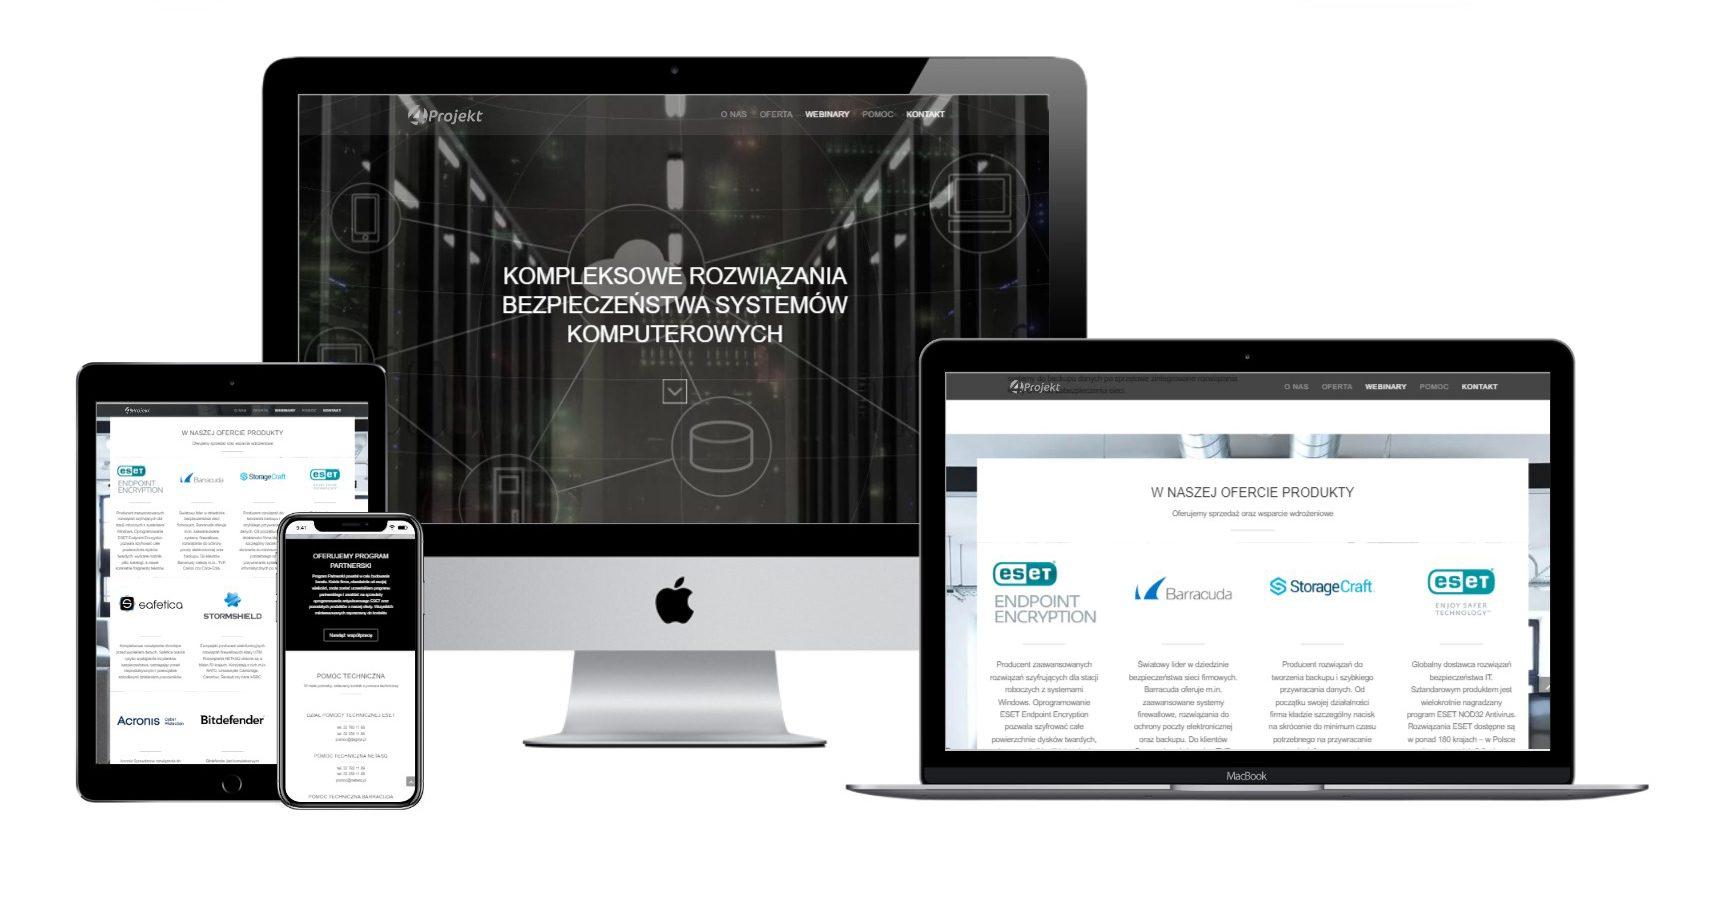 4Projekt - Rozwiązania bezpieczeństwa systemów komputerowych